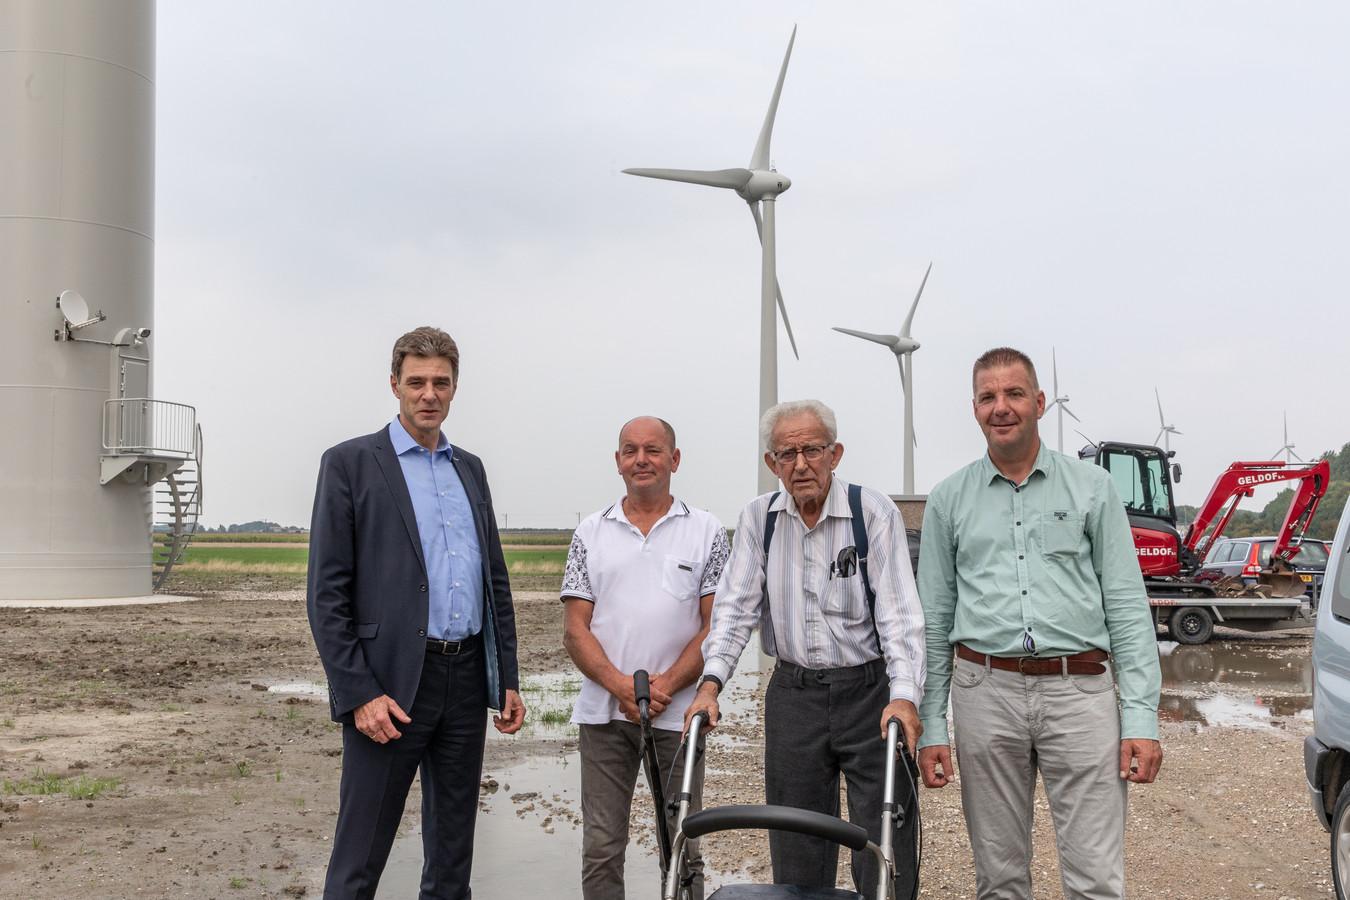 Wethouder Chris Dekker (links) zette samen met Jo Crucq (midden met rollator) de nieuwe windmolens officieel in beweging. Jan Crucq en Adri Roelse (rechts) exploiteren de groene stroom voor Windkracht 6.